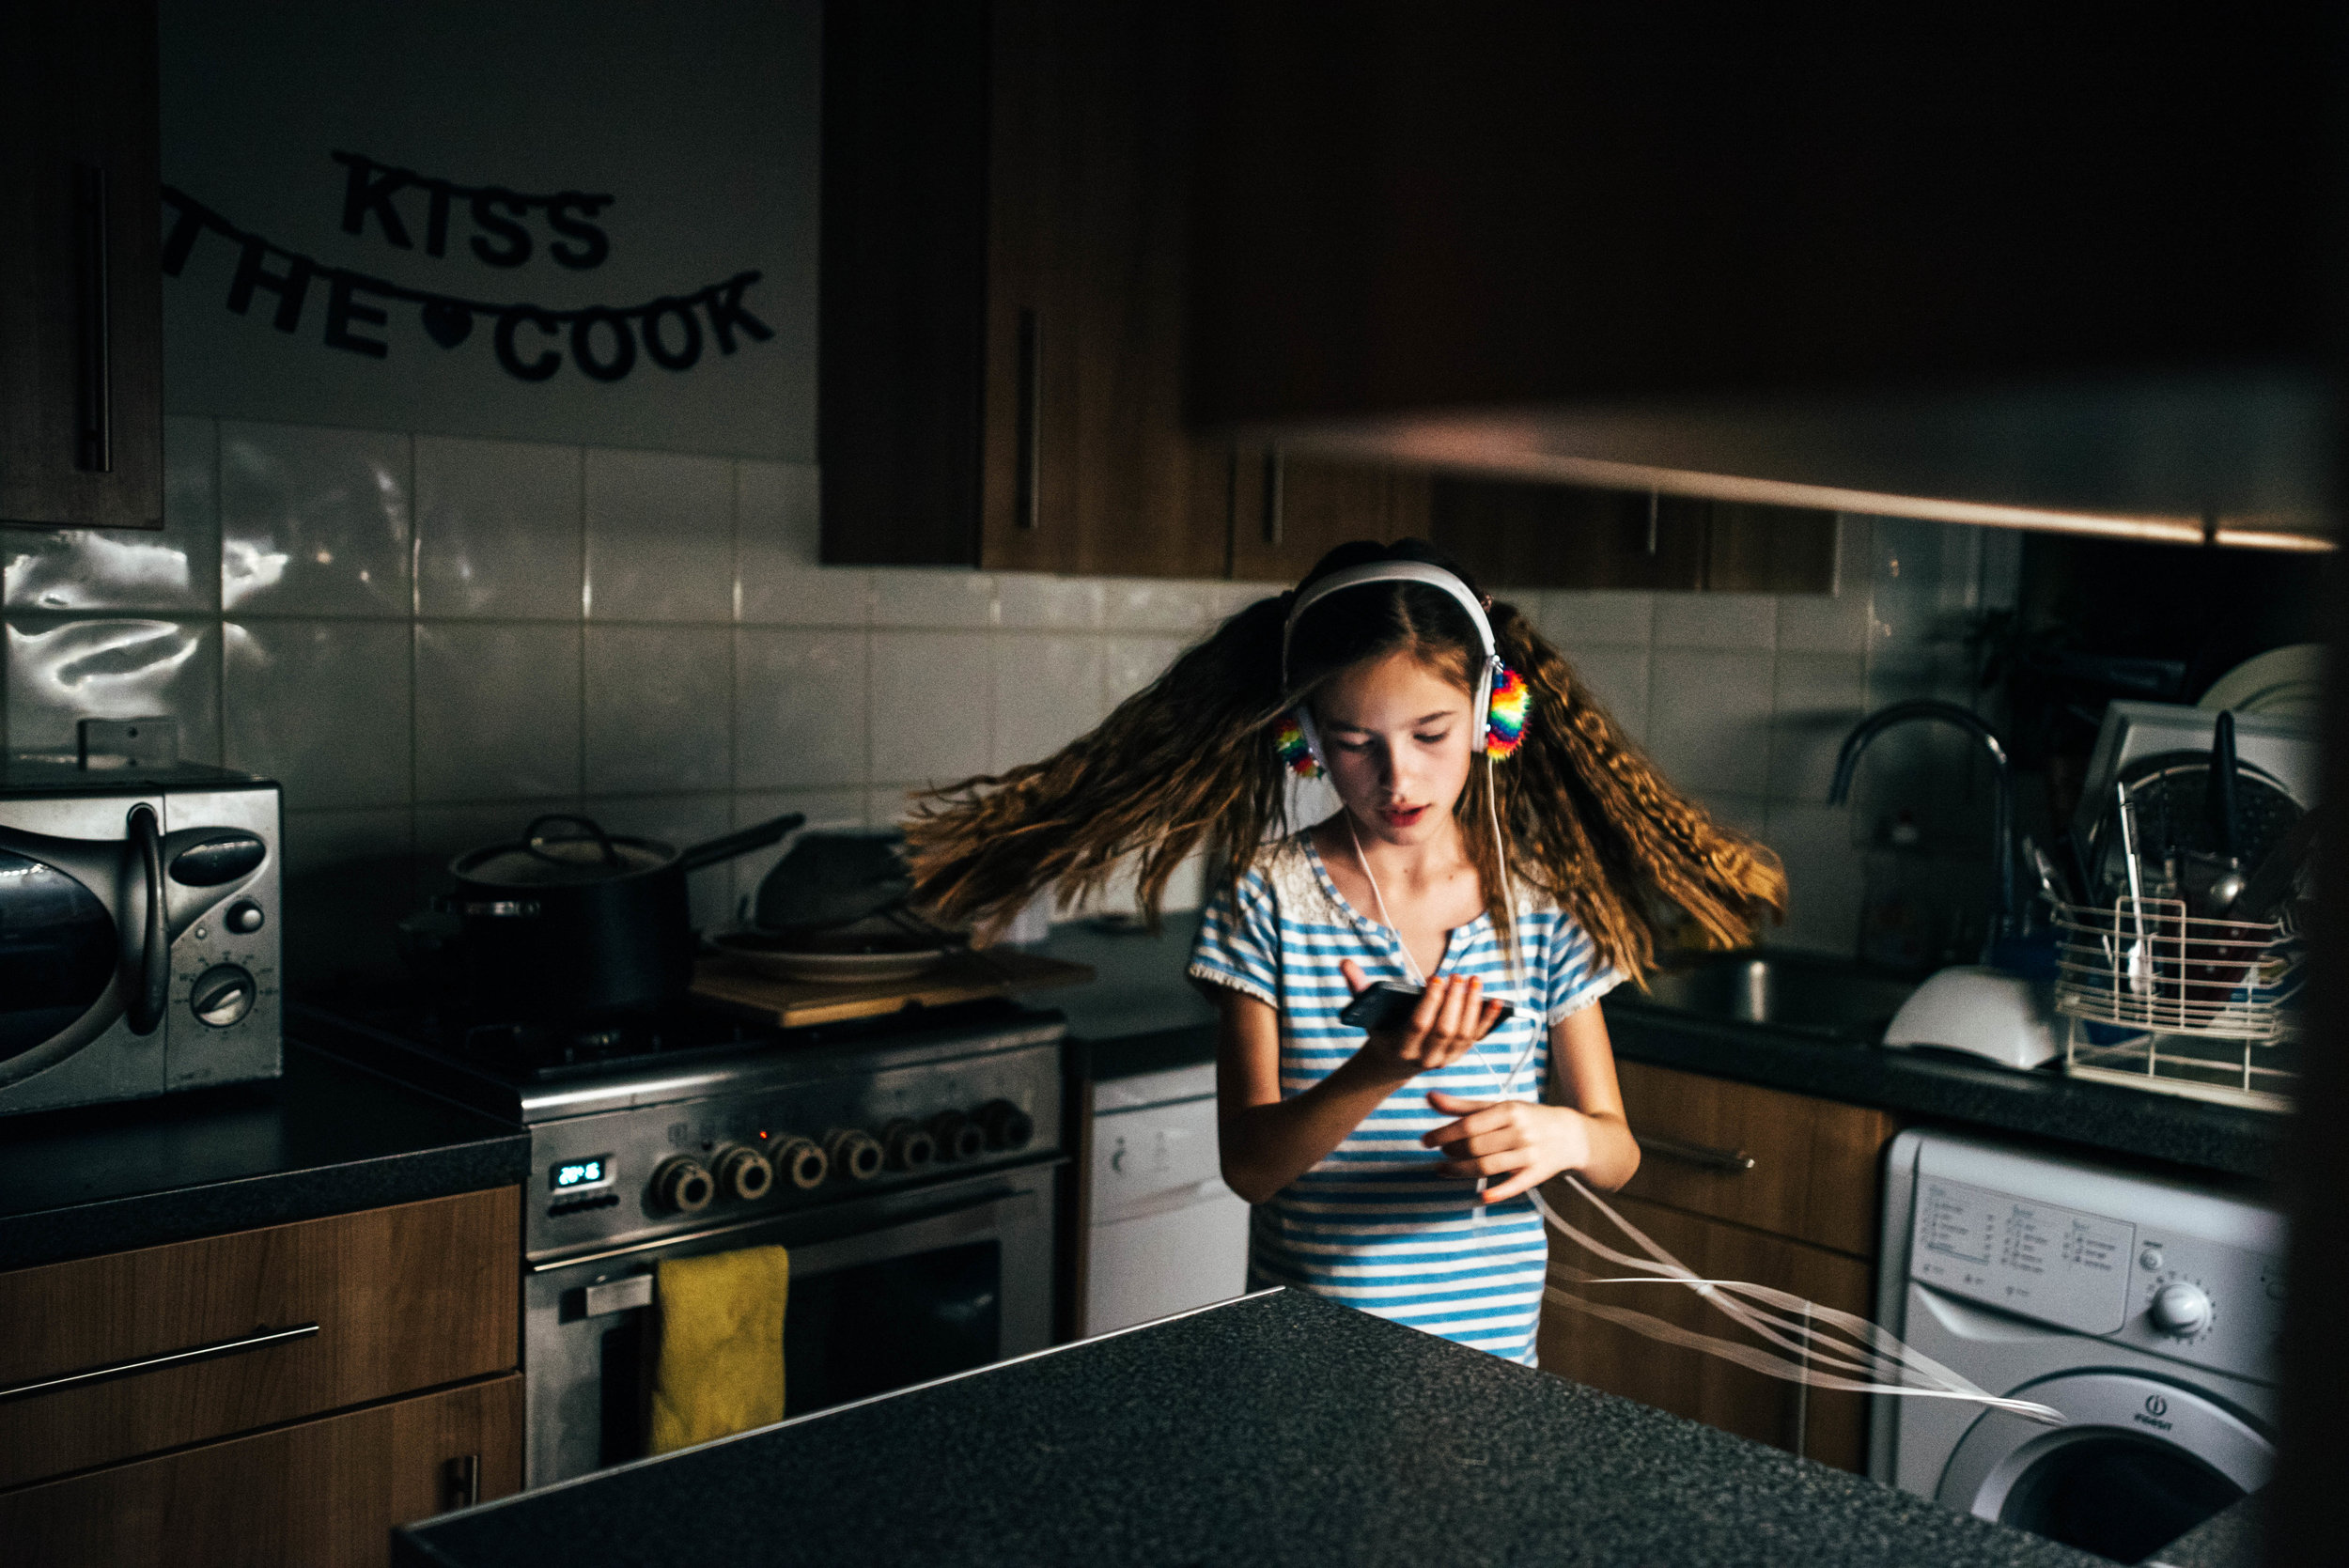 Tween girl dances with headphones in kitchen Essex UK Documentary Portrait Photographer